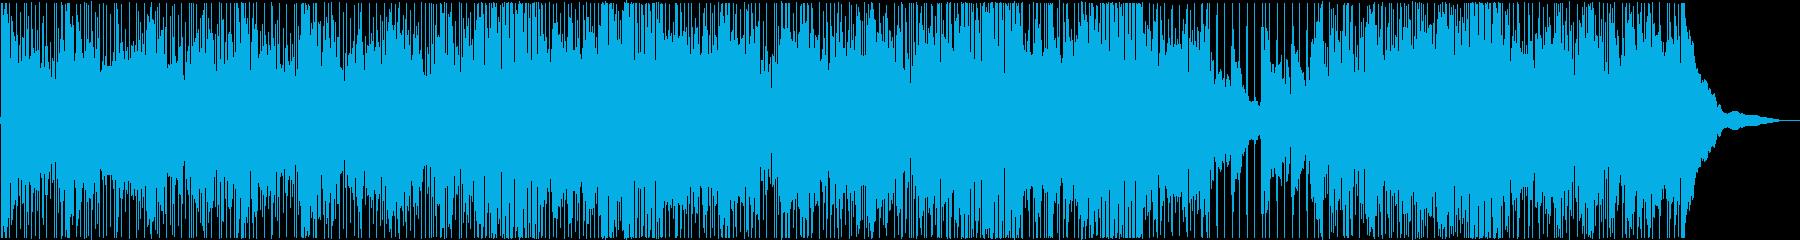 夏をイメージしたBGM(アコギ生演奏)の再生済みの波形